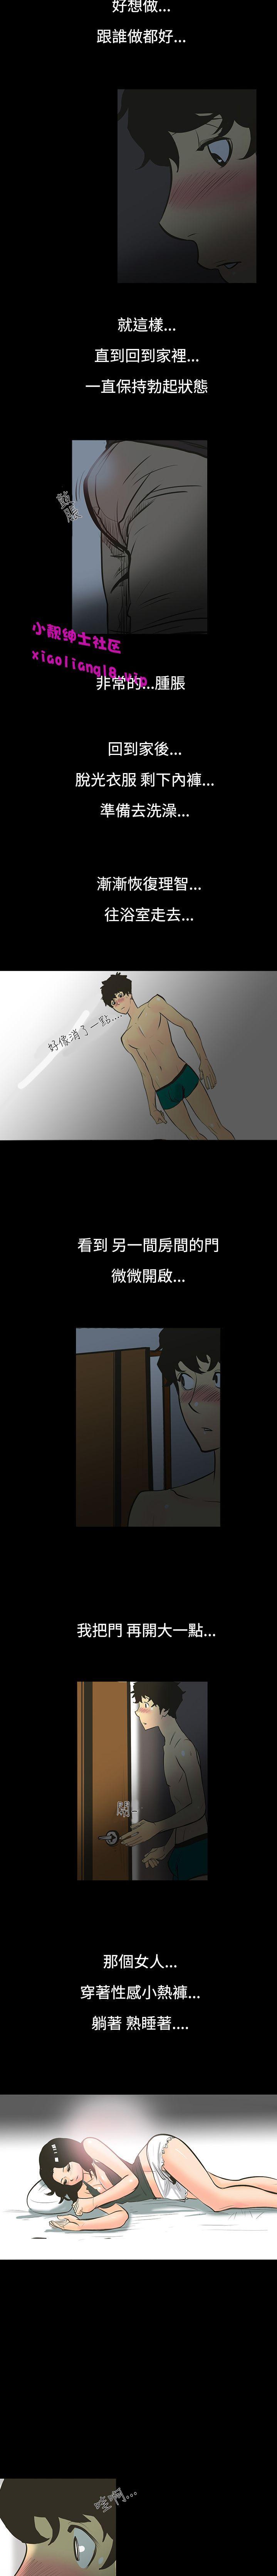 中文韩漫 無法停止的甜蜜關係 Ch.0-12 8